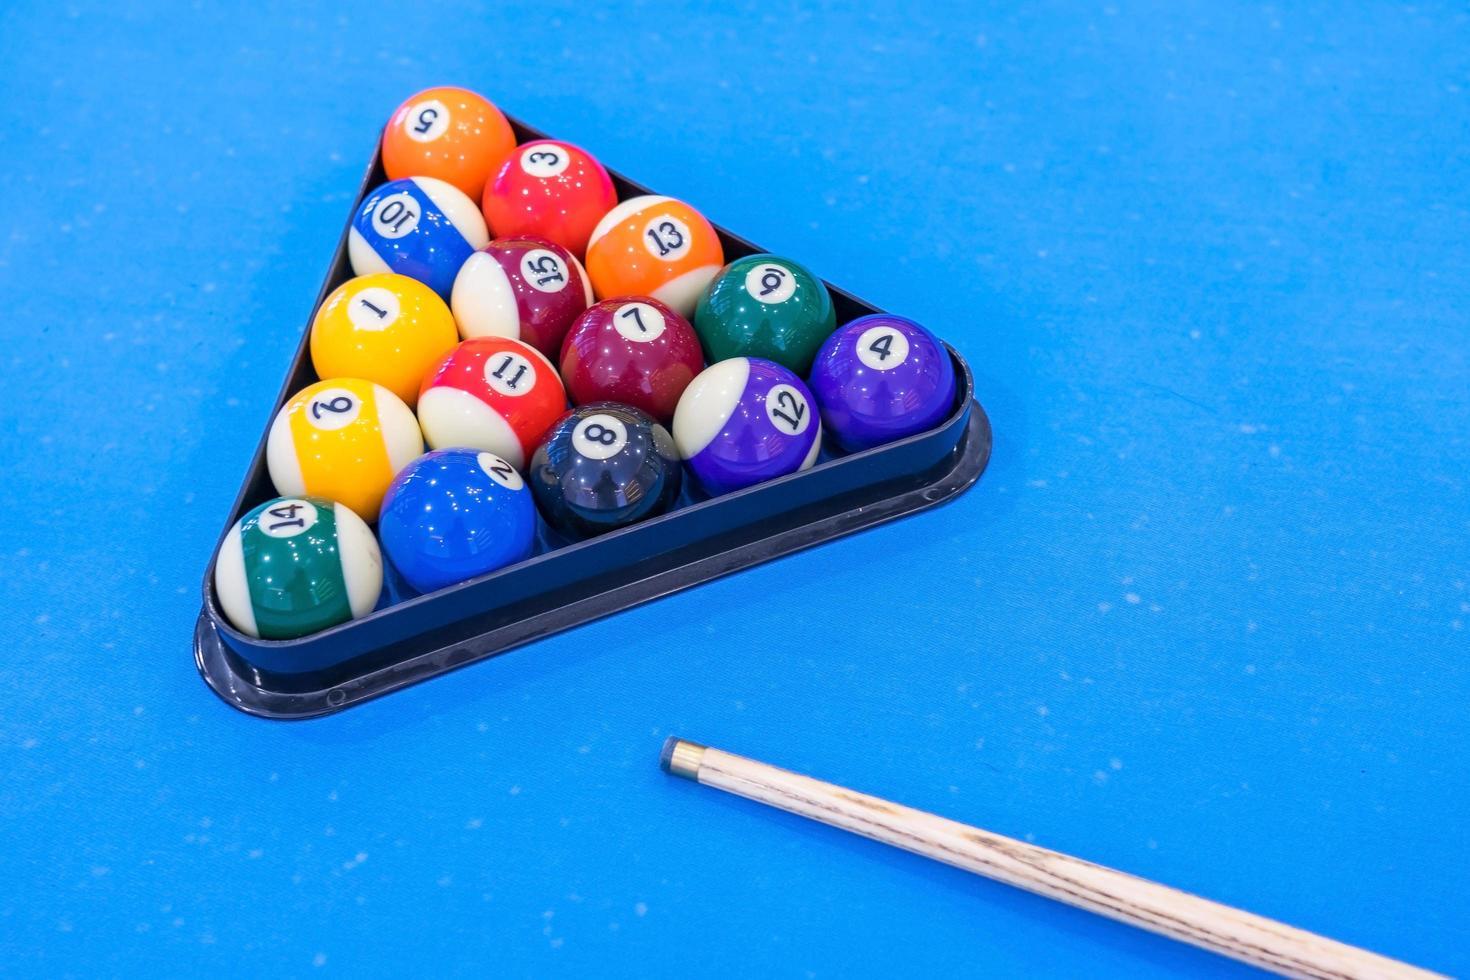 Billardkugeln auf blauem Tisch foto